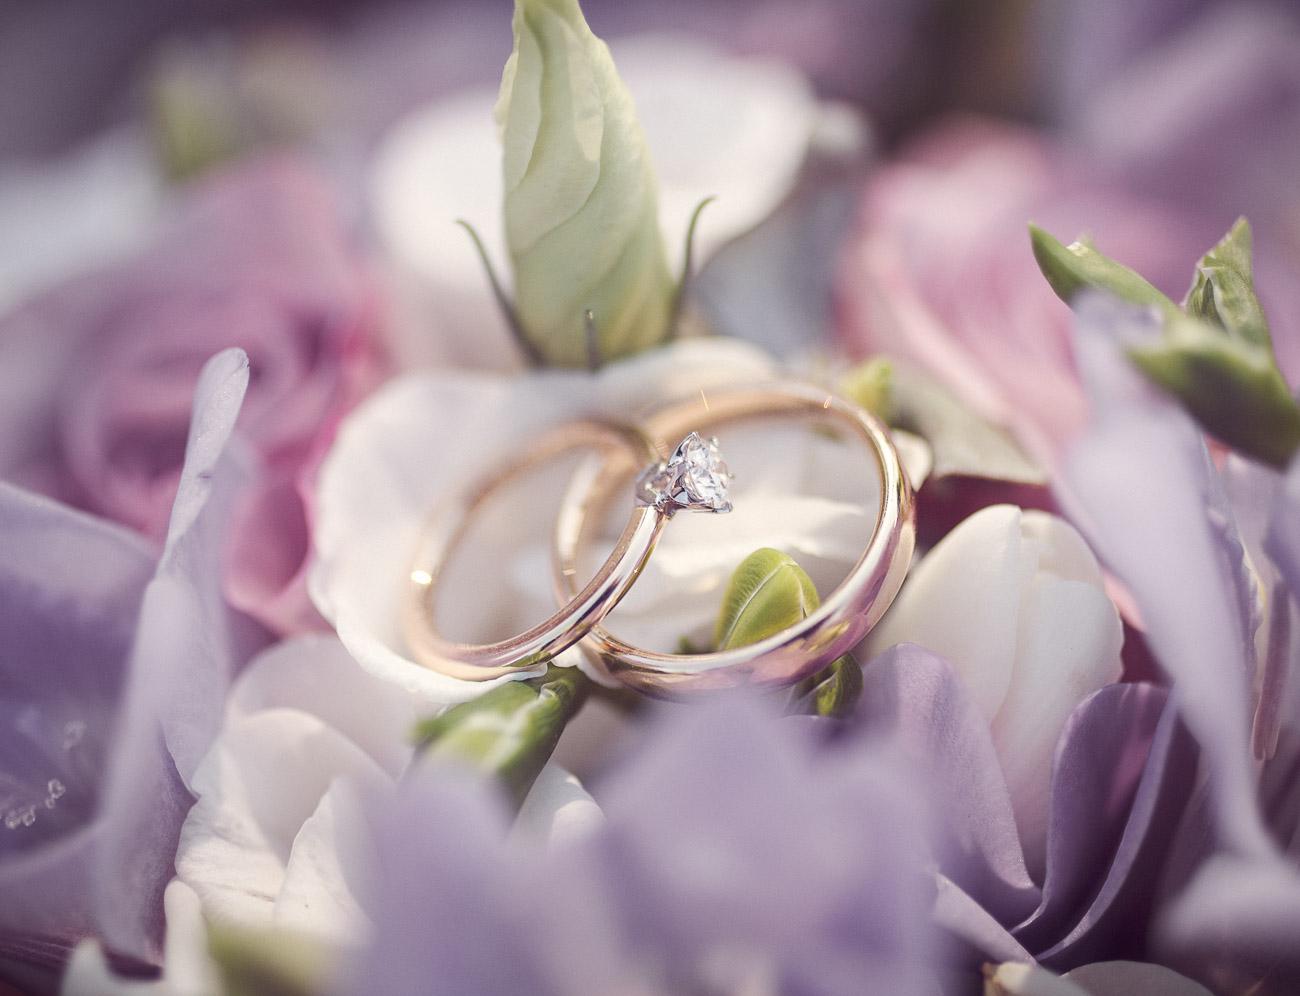 vigselringar på en bröllopsbukett